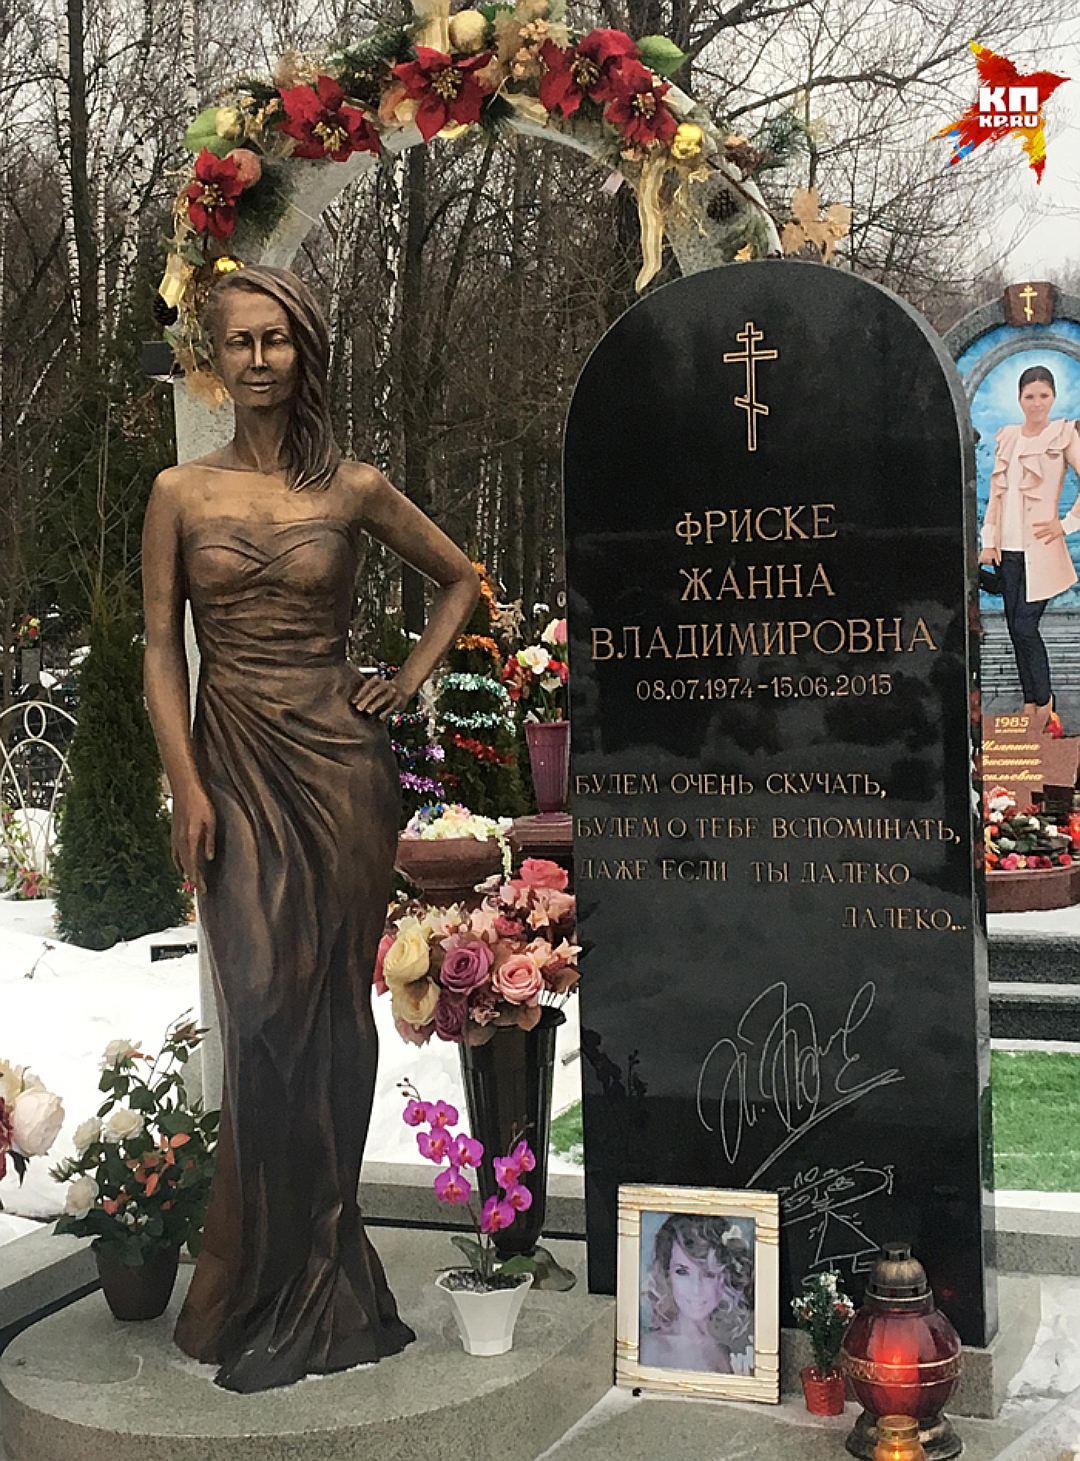 Дмитрий шепелев объяснил, почему не приходит на могилу к.